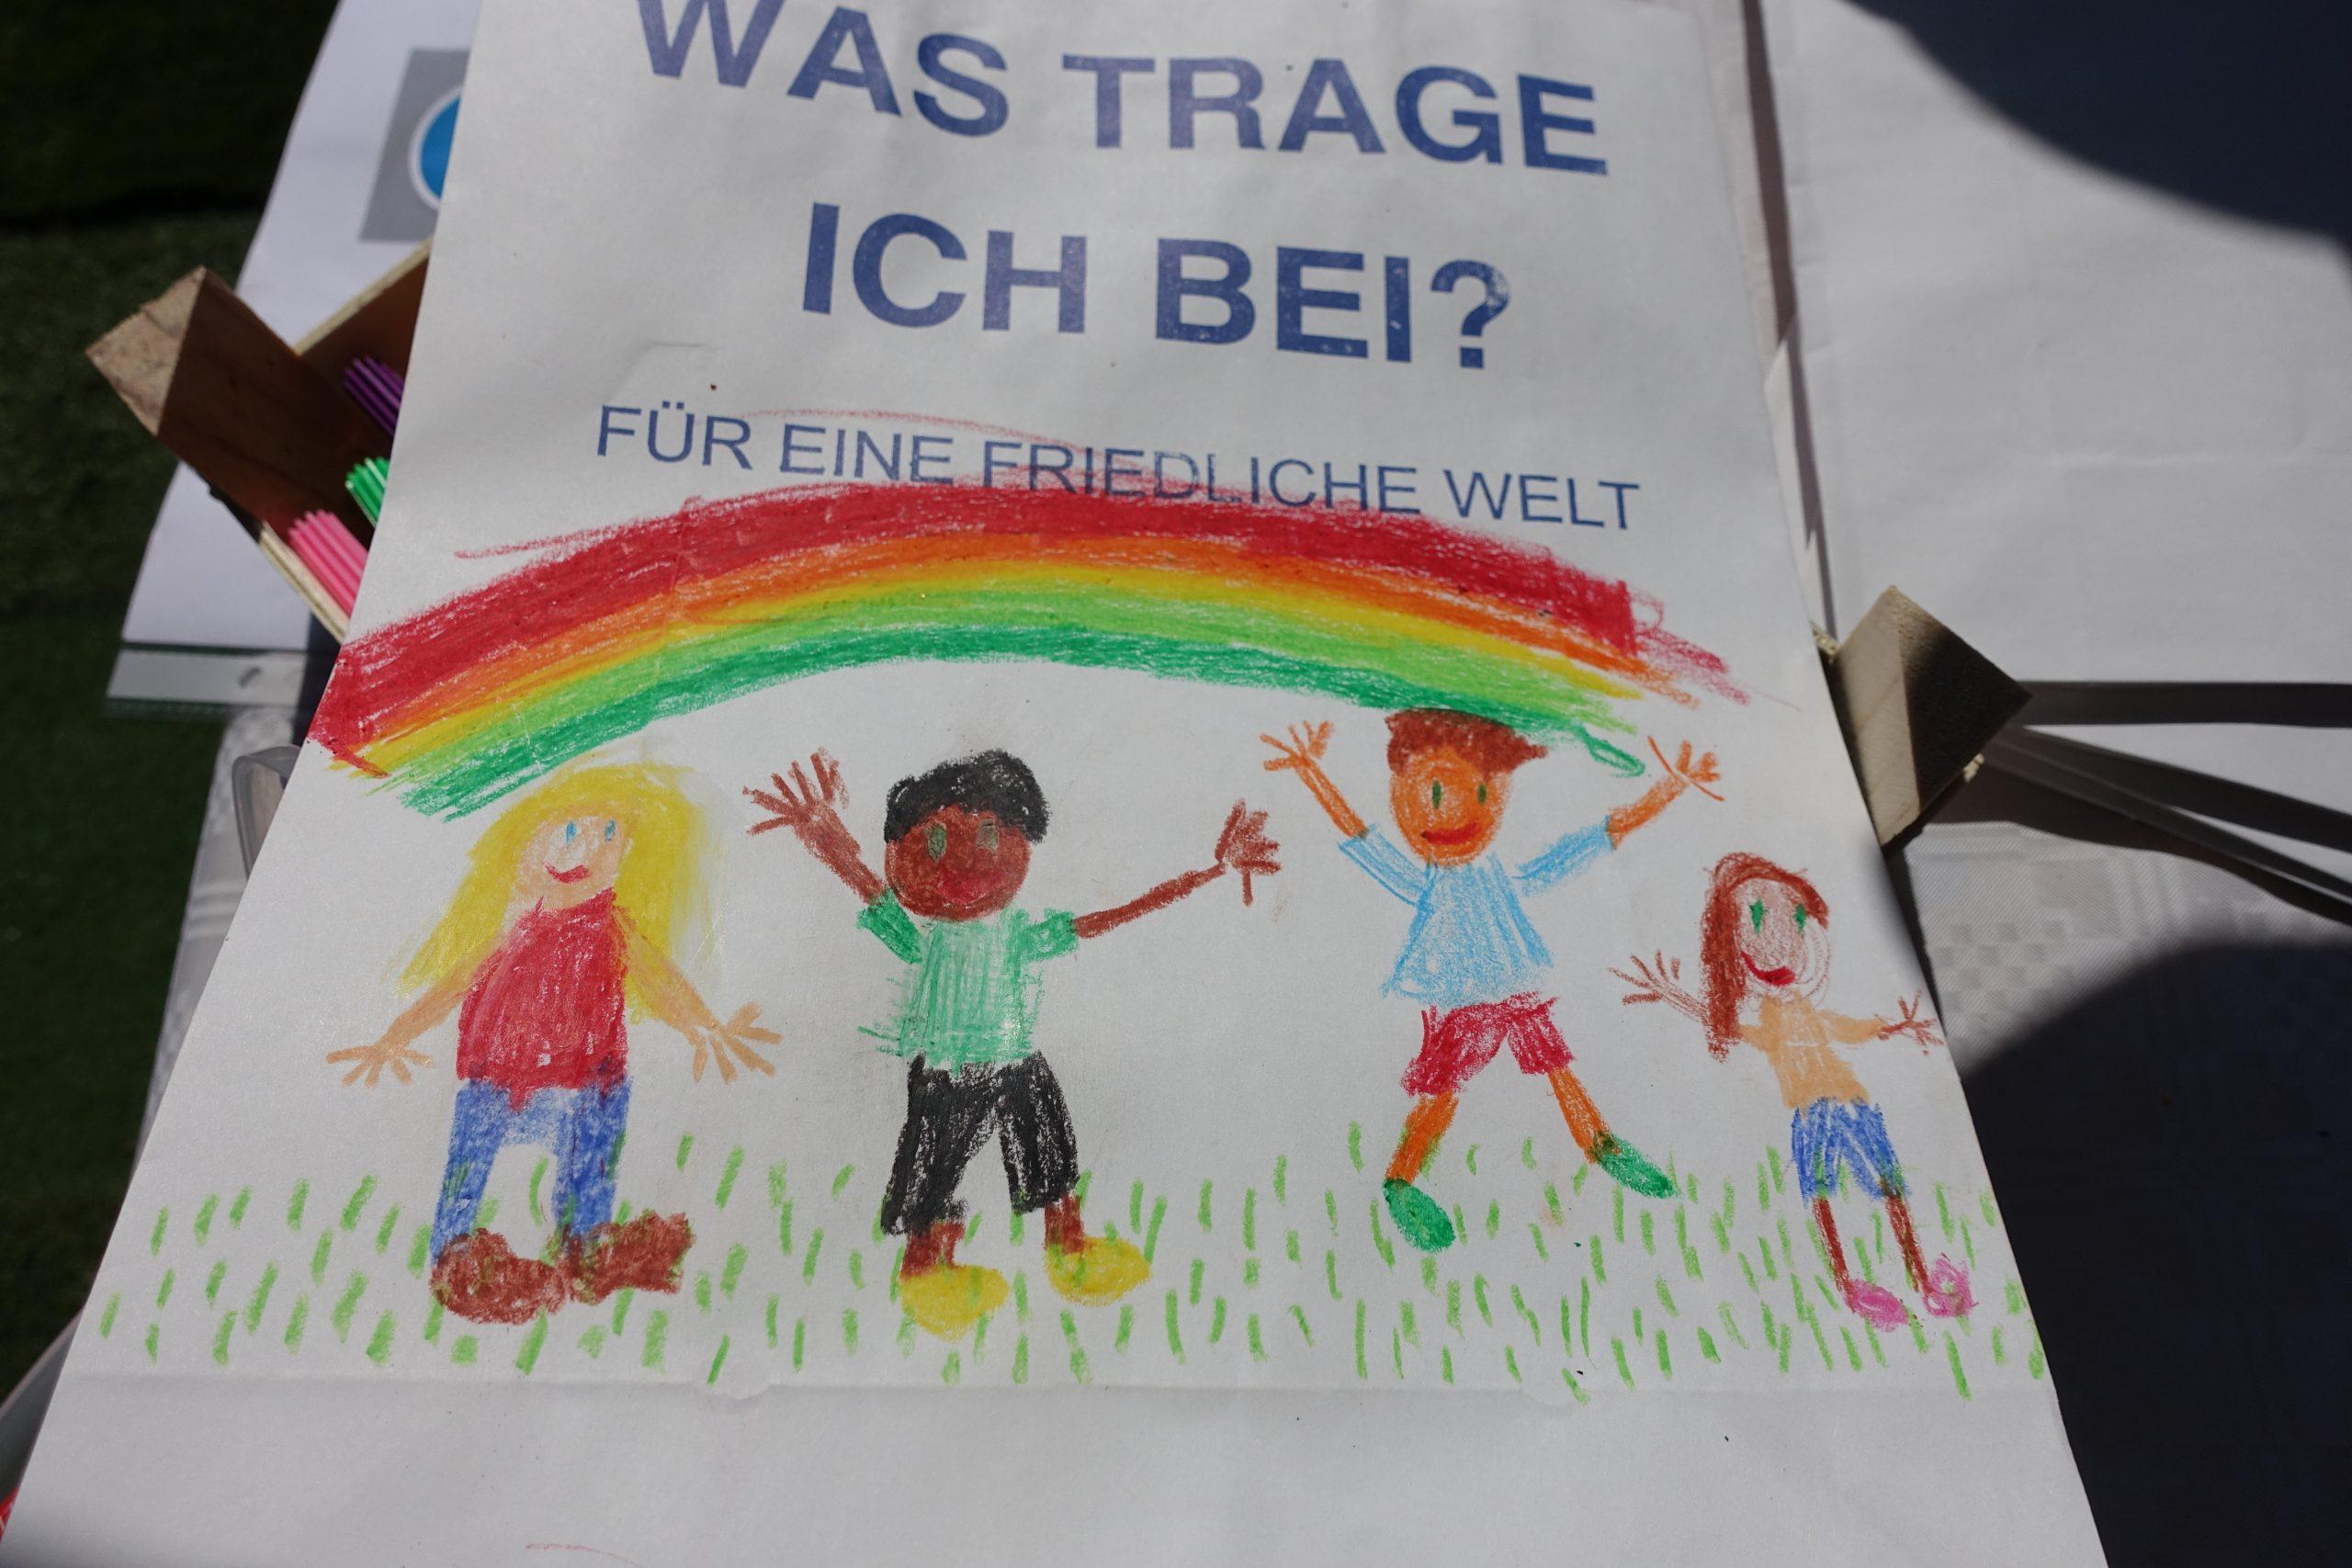 Buntbemalte Papiertüte des Friedens mit vier Kindern unter einem Regenbogen.